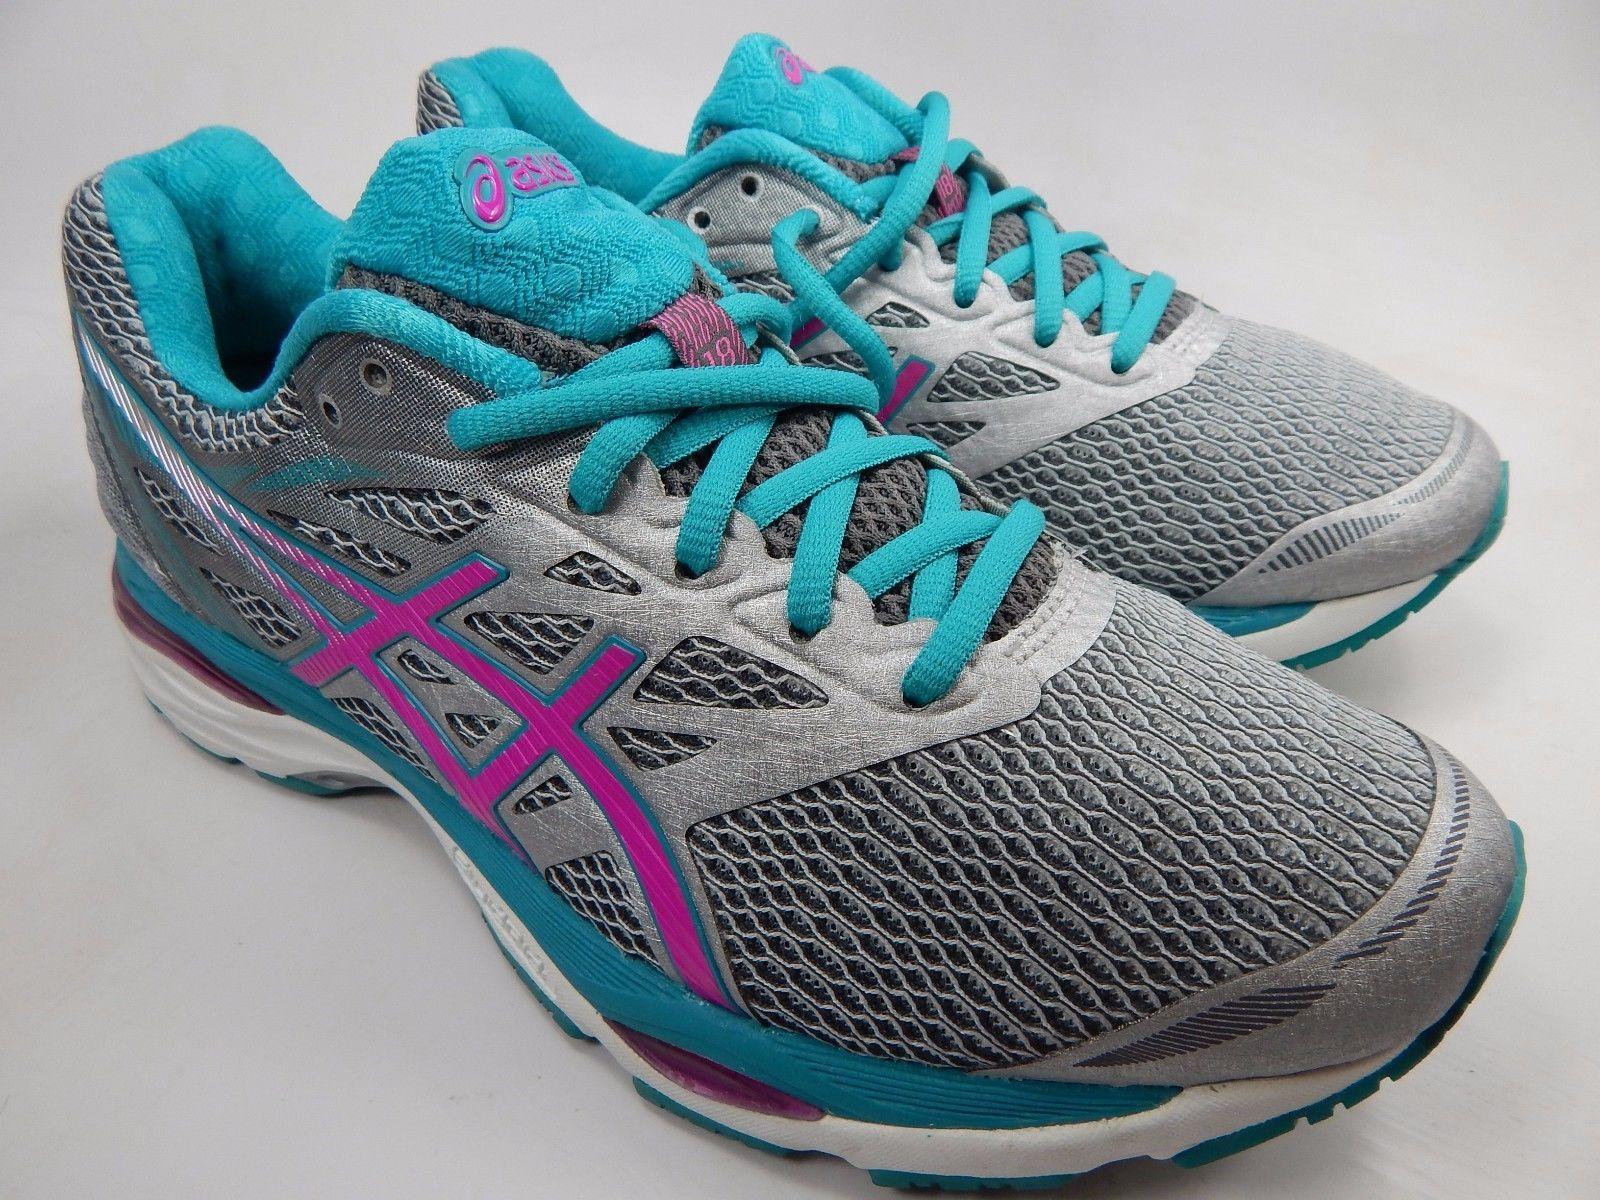 MISMATCH Asics Gel Cumulus 18 Women's Shoes Size 8 M B Left & Size 9 M B Right